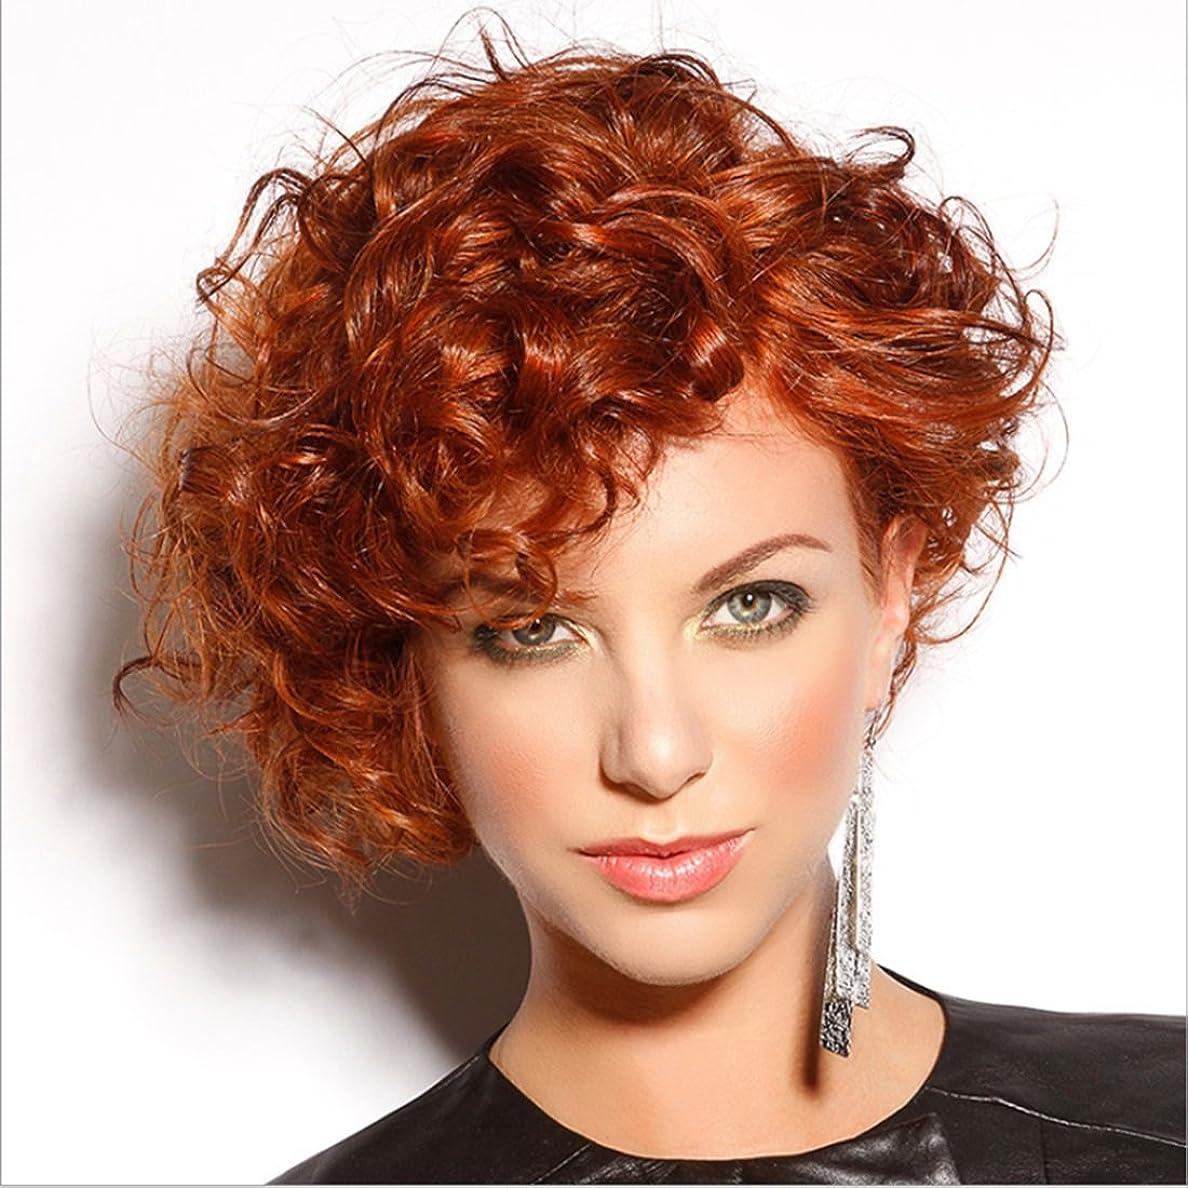 悪性集中的な焼くKoloeplf 女性のための20cmのボボヘッドのウィッグ若者のパーソナリティの女性のための部分的な斜めバンズウィッグの短いカーリーヘアー (Color : Wine red)